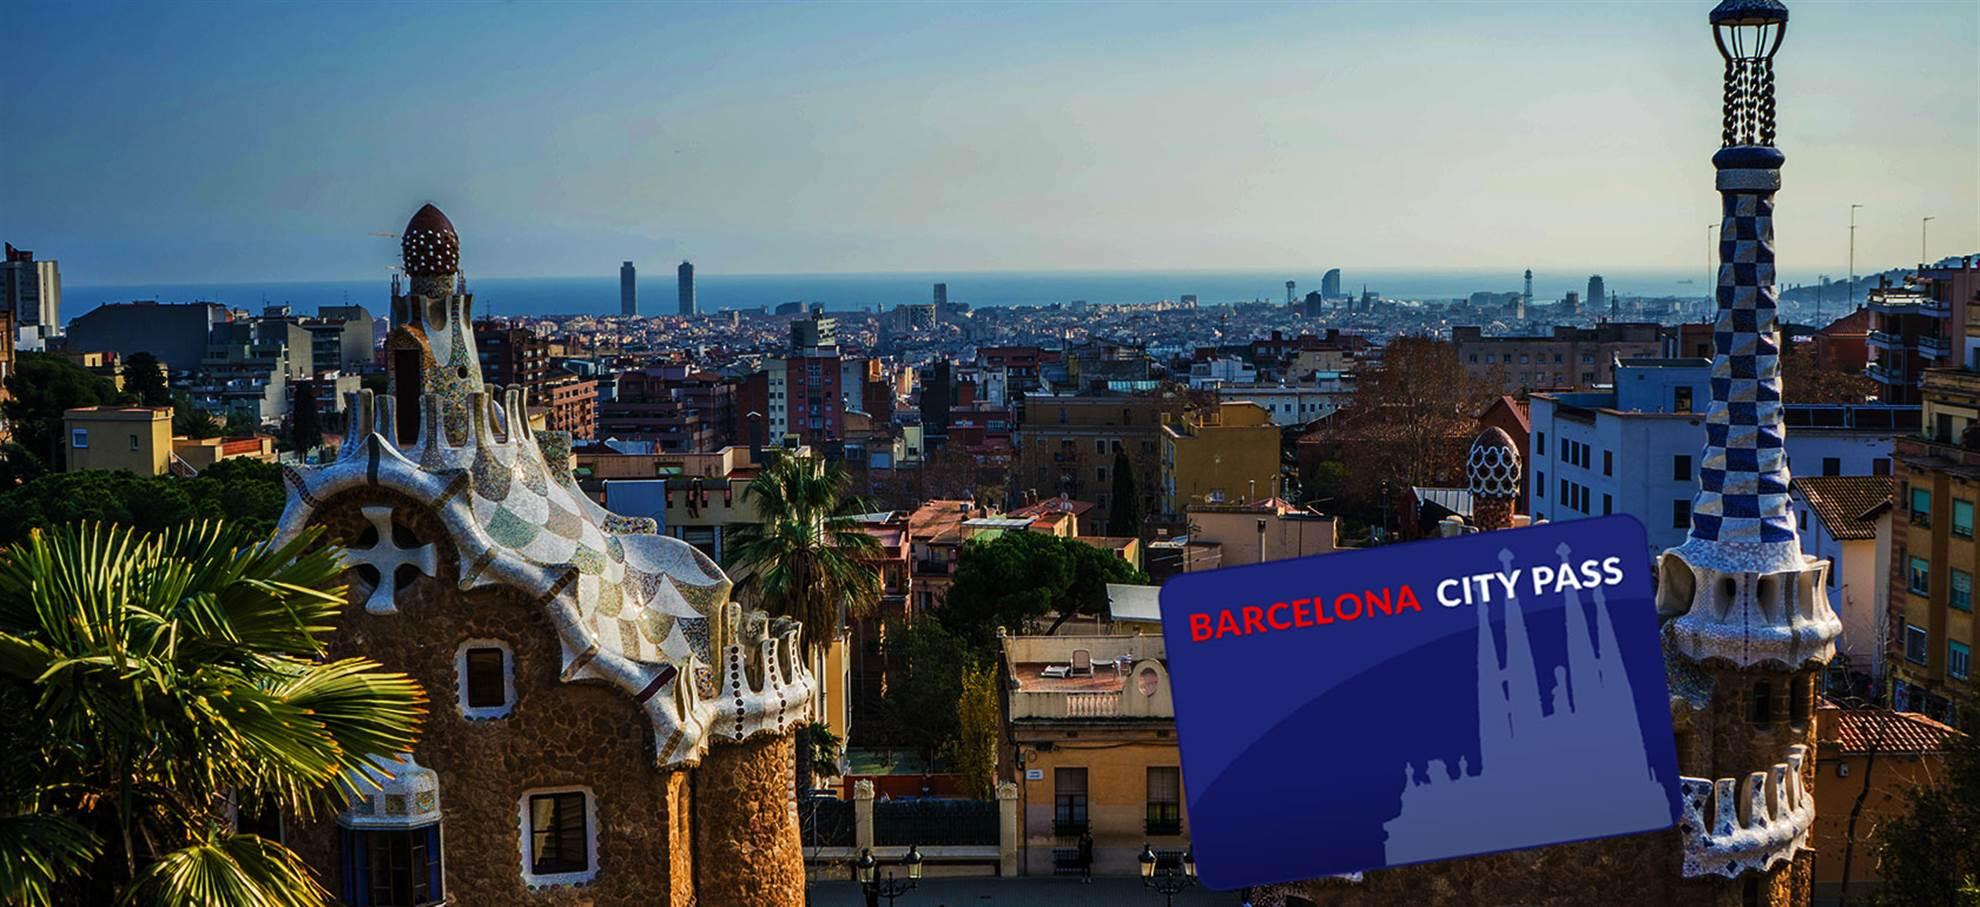 Barcelona City Pass (wycieczka z przewodnikiem do Sagrada Familia + Park Guell)